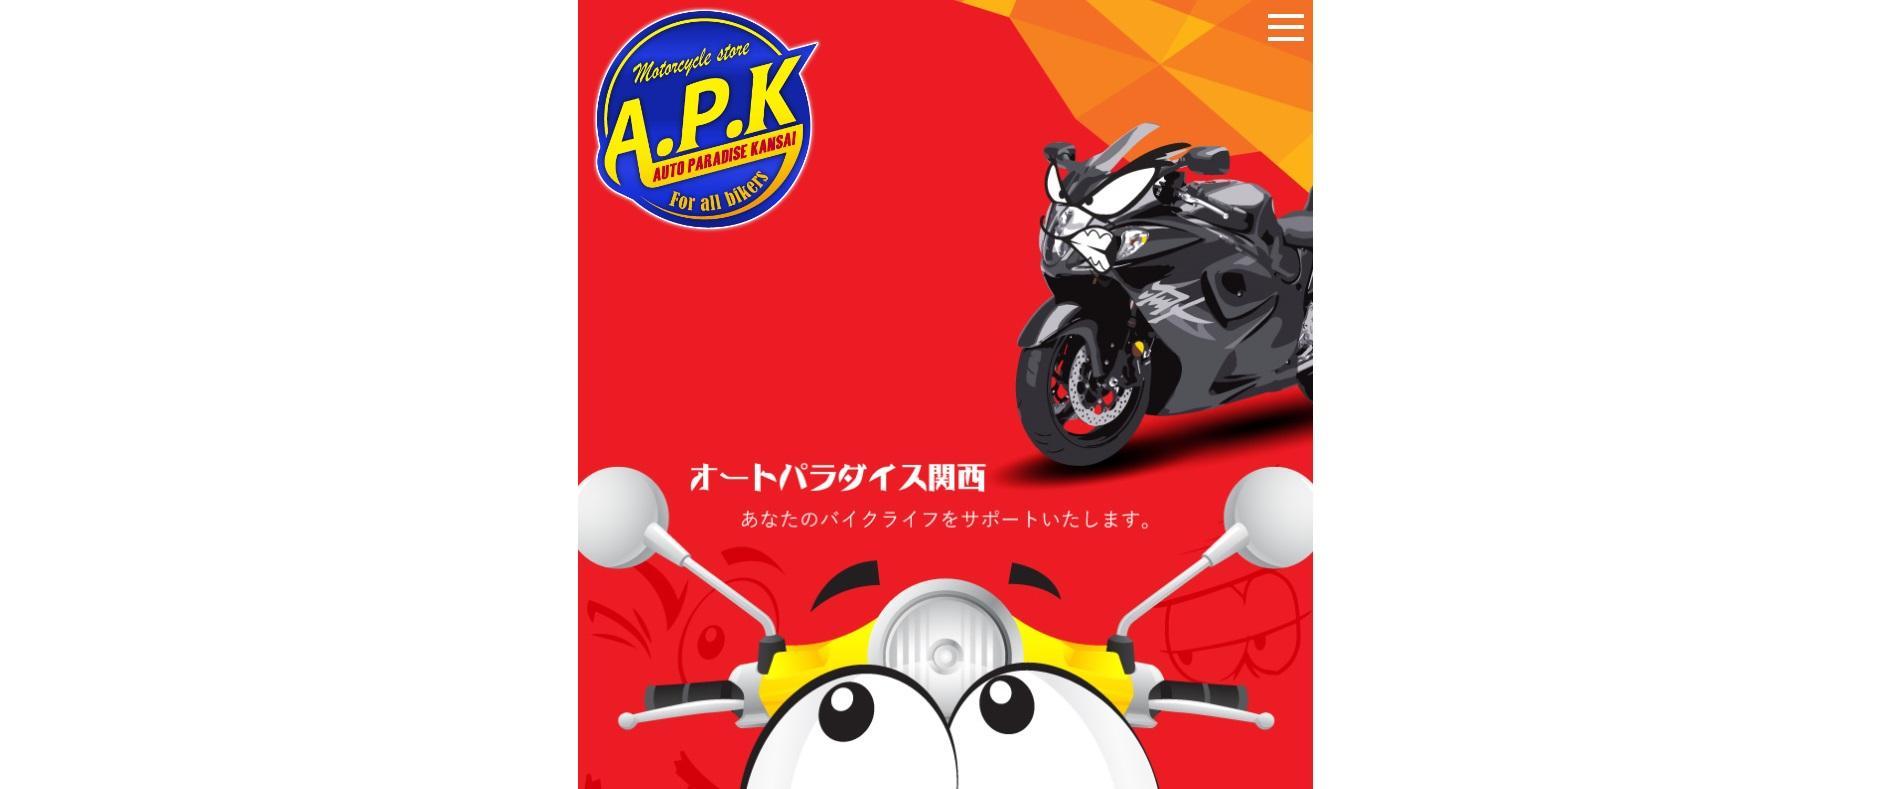 A.P.K(オートパラダイス関西)